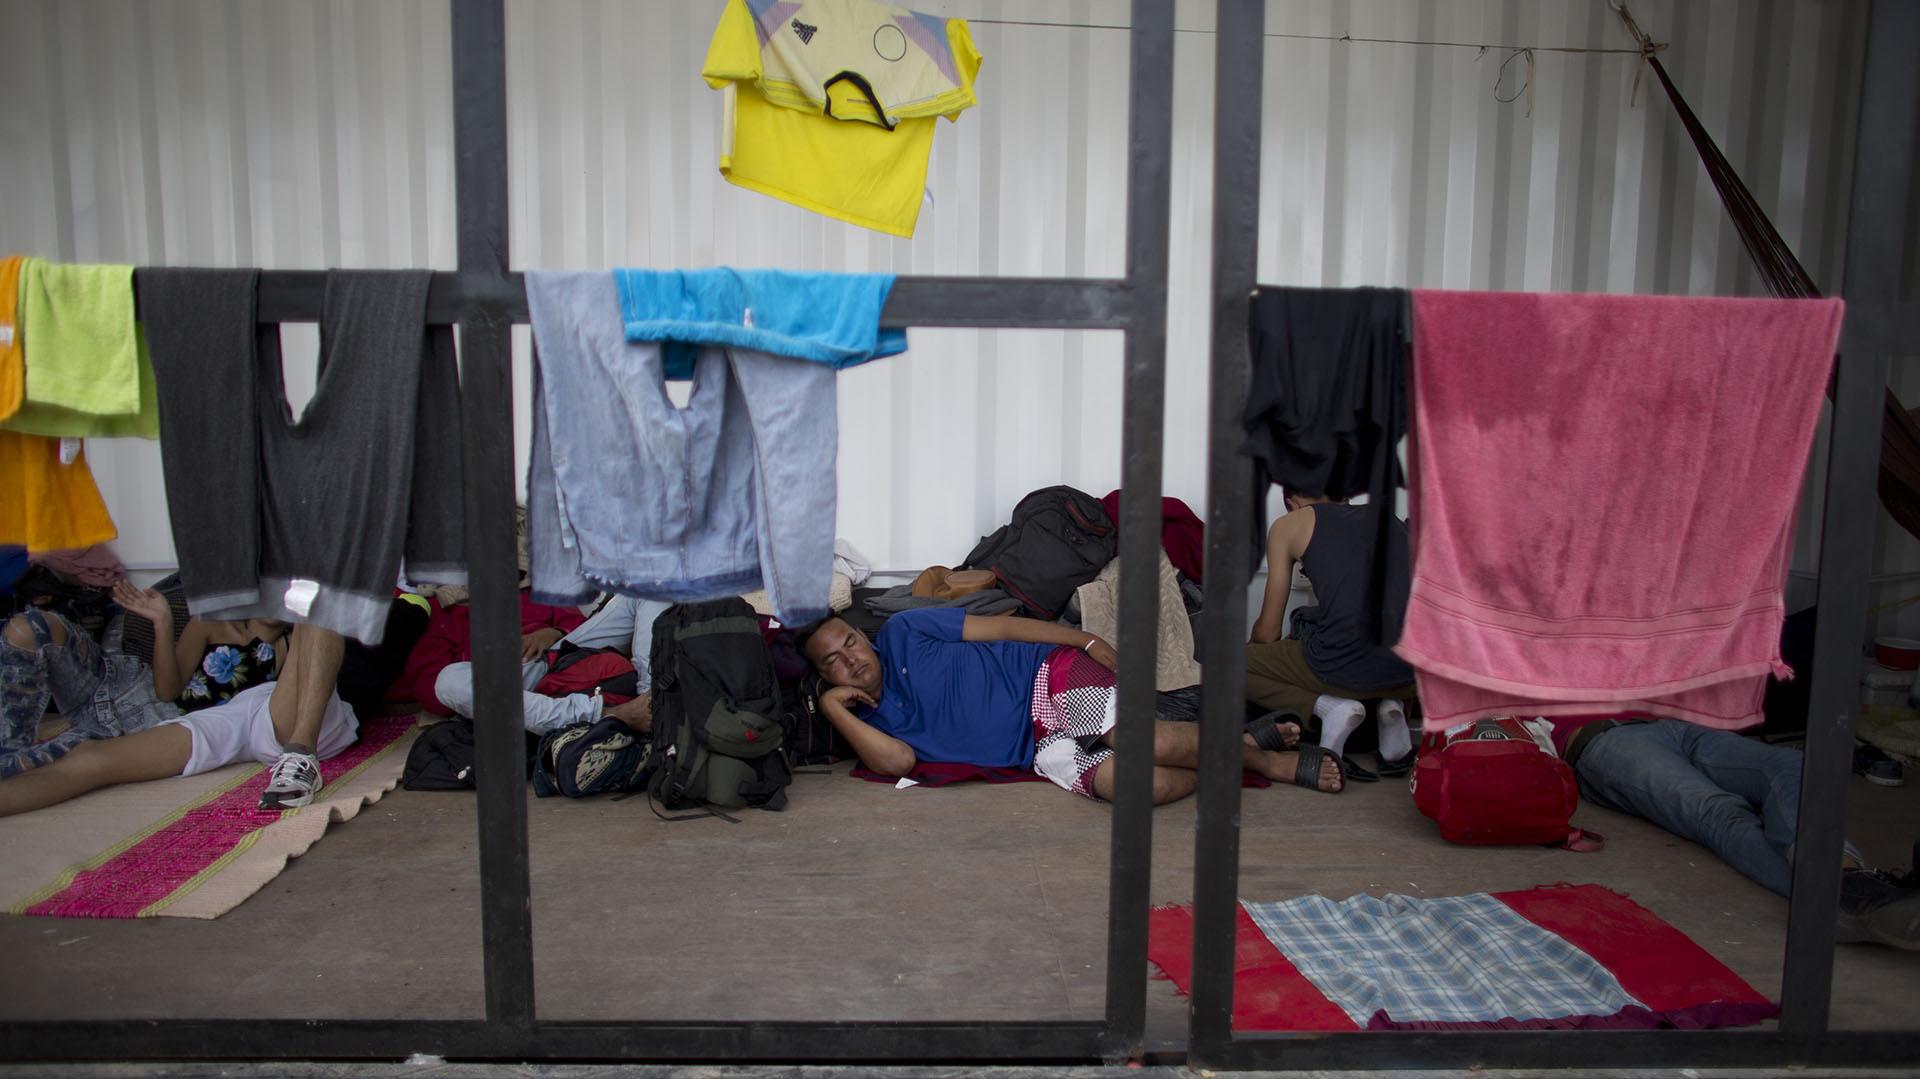 Migrantes esperan su turno en migraciones en Aguas Verdes, Perú (AP Photo/Ariana Cubillos)